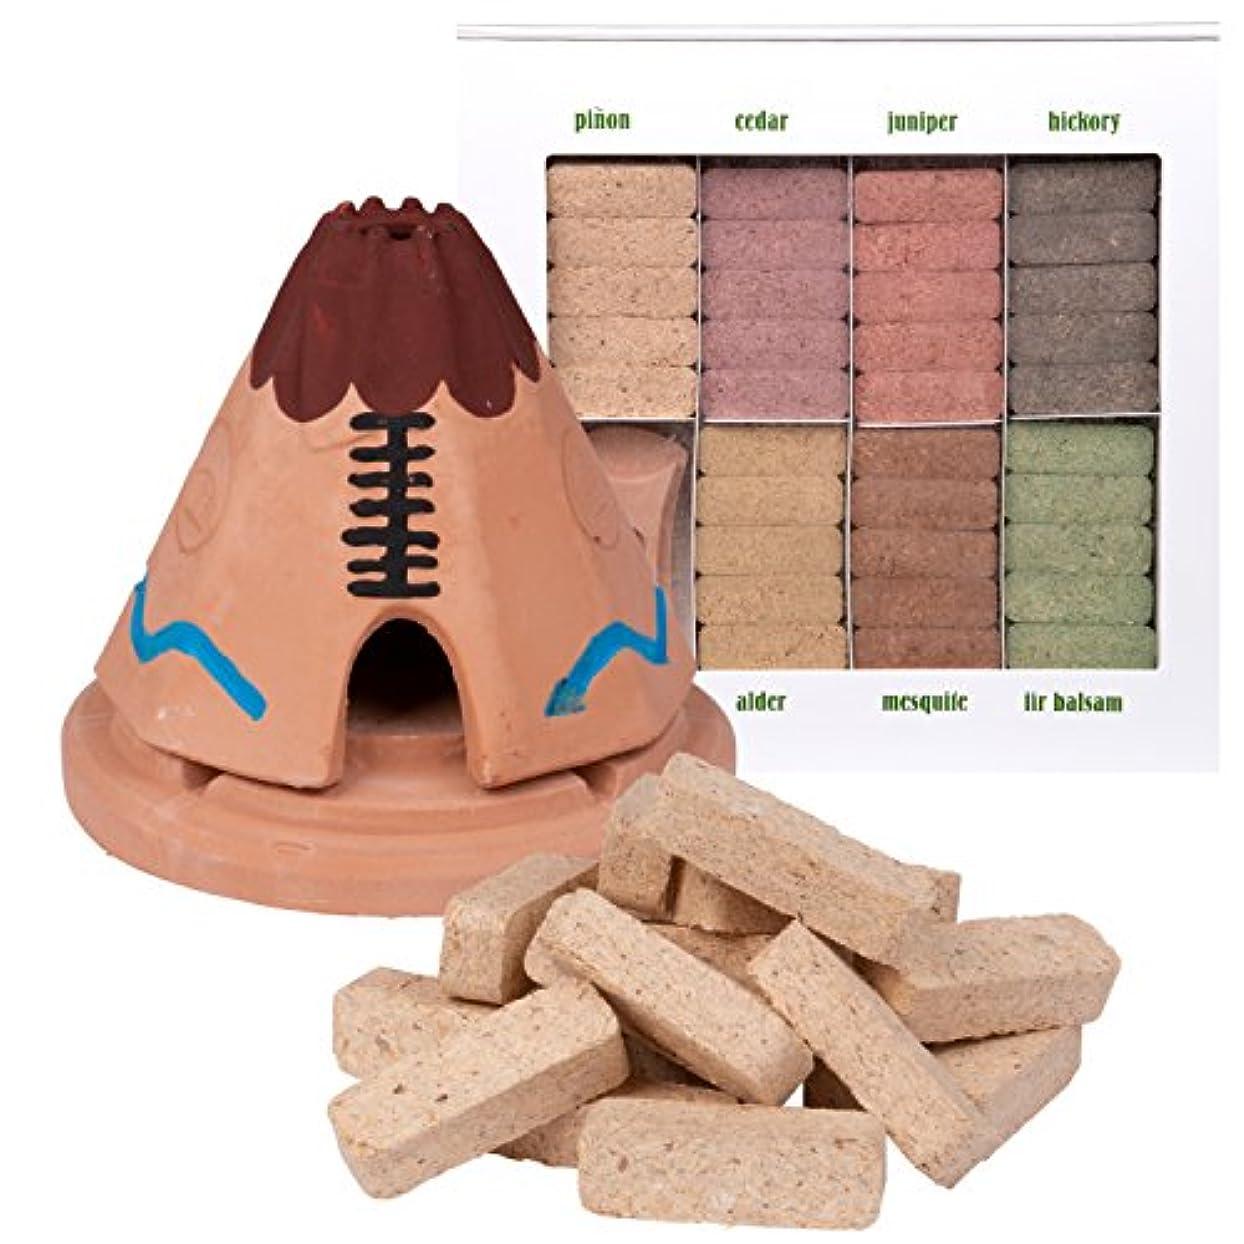 ビクター特異性くちばしIncienso de Santa Fe Teepee Burner With松の天然木製お香と7香りSampler – Made in the US